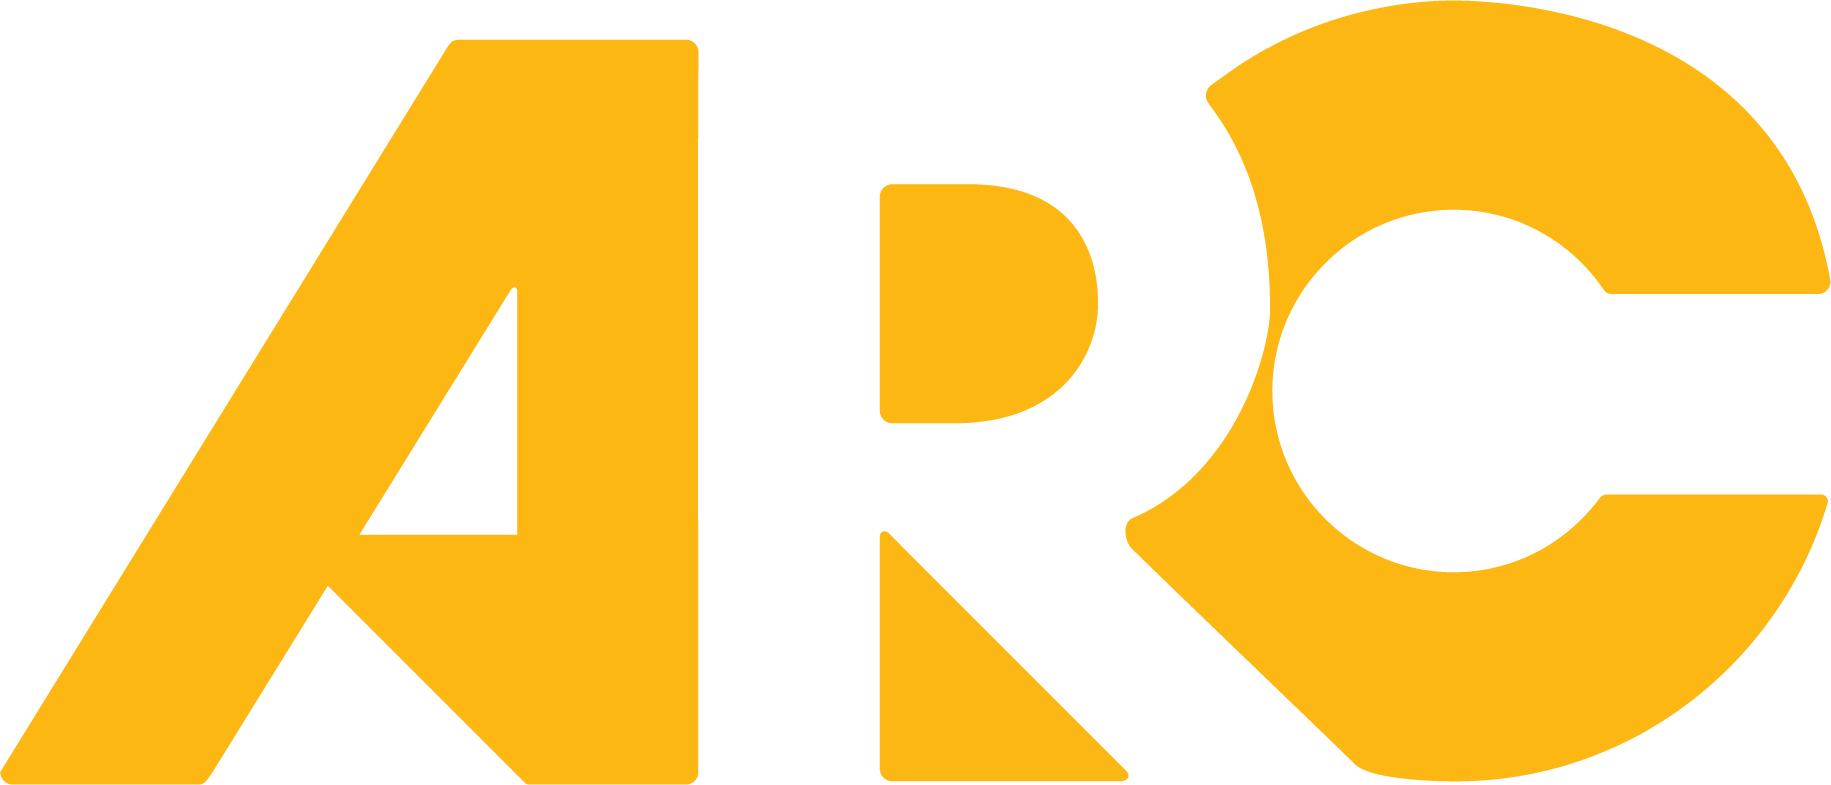 Atlanta Regional Commission Company Logo